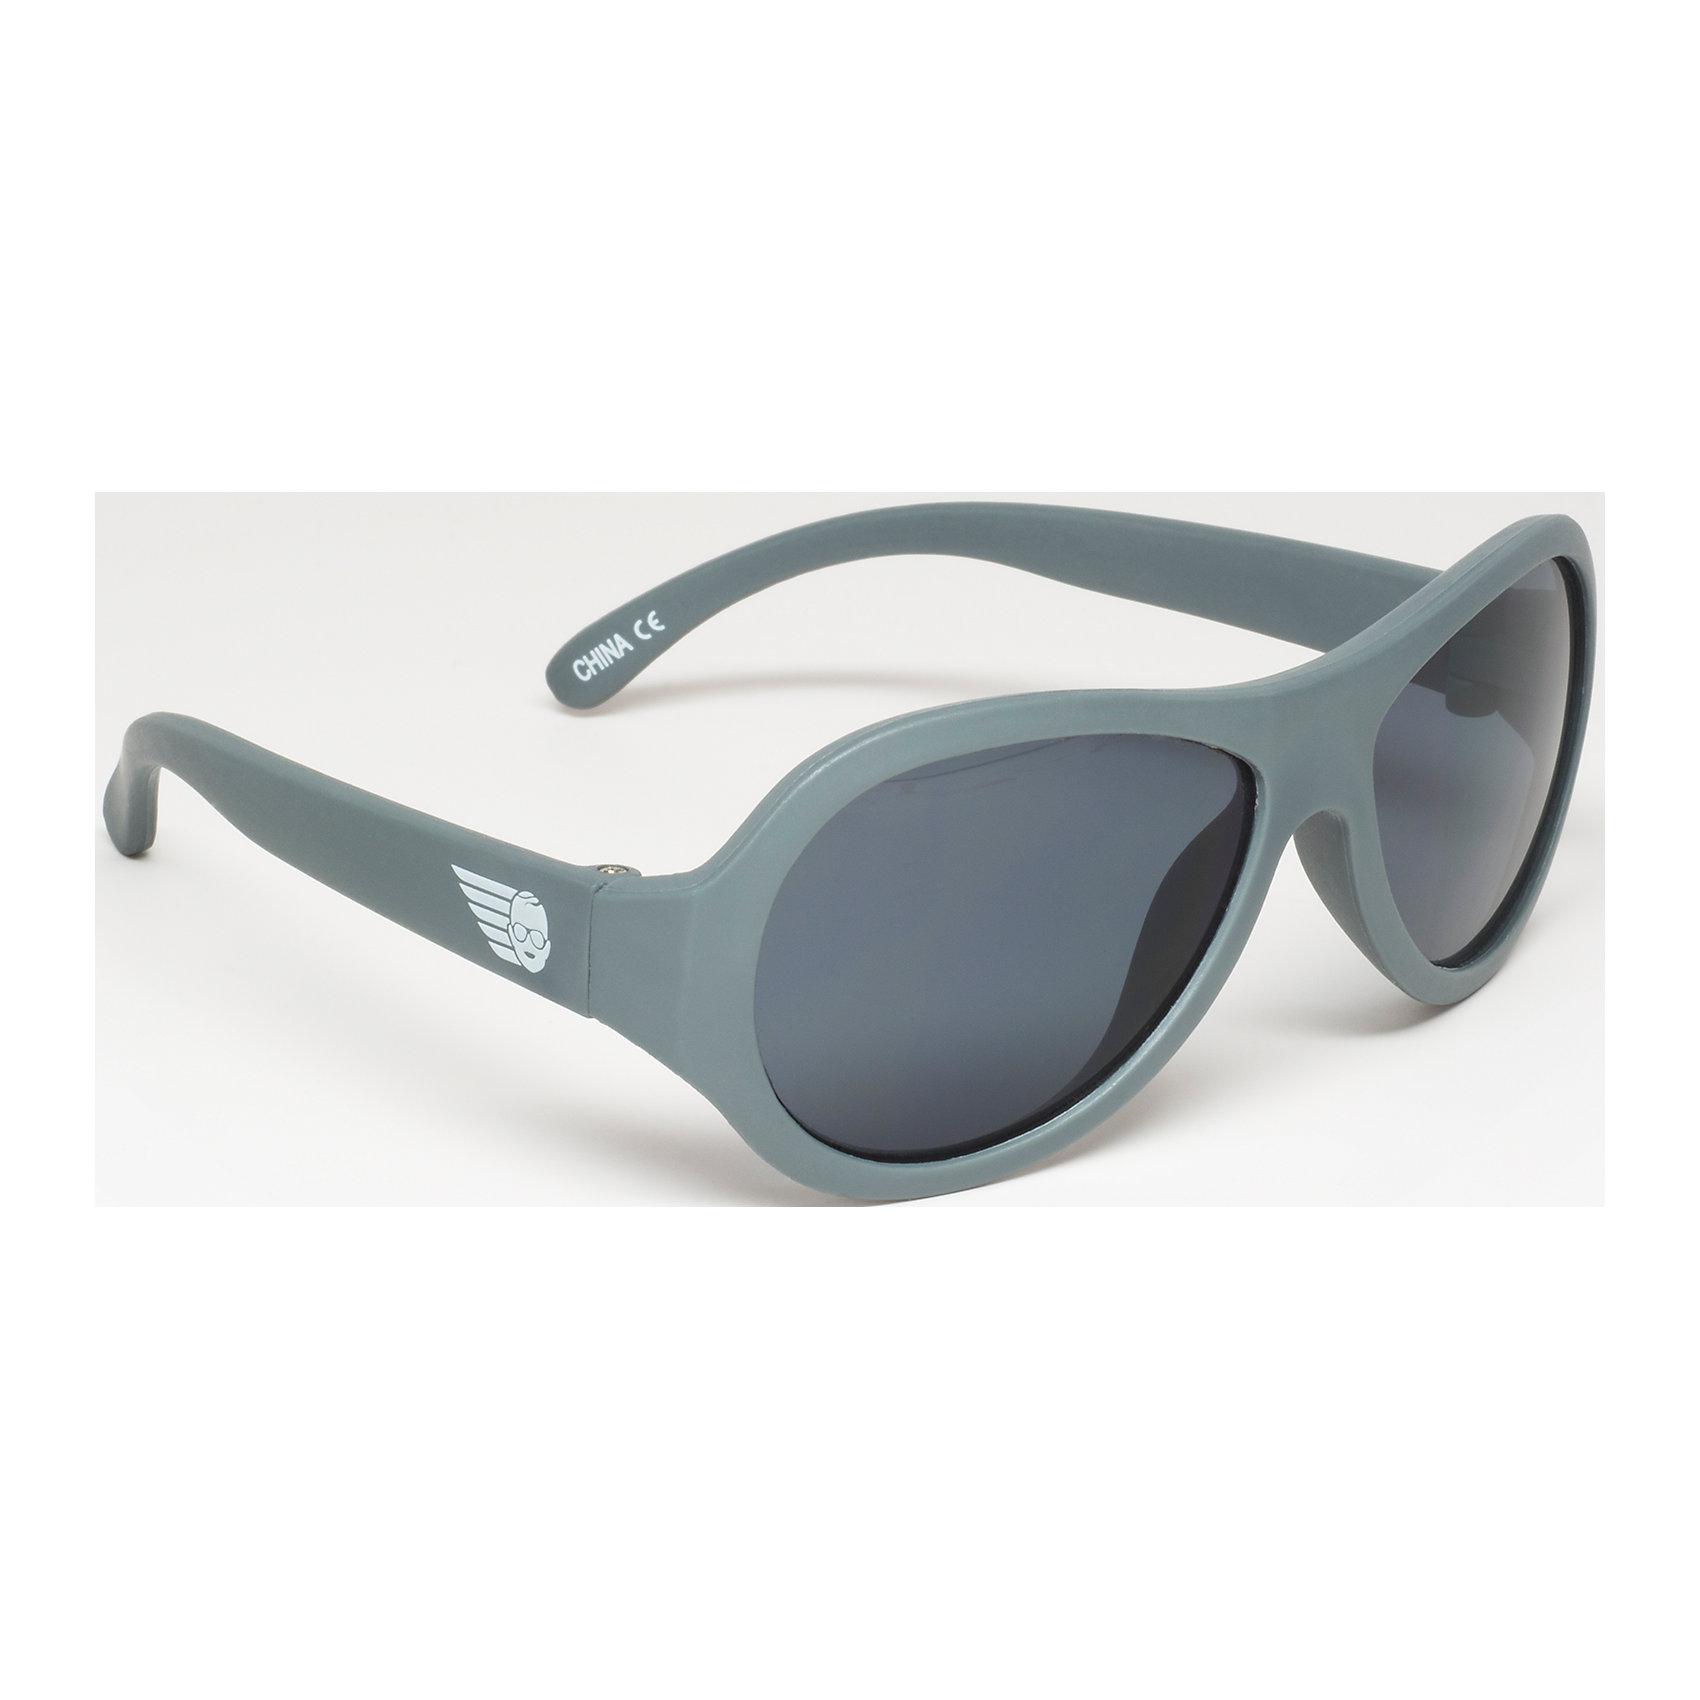 Солнцезащитные очки Babiators OriginalЗащита глаз всегда в моде.<br>Вы делаете все возможное, чтобы ваши дети были здоровы и в безопасности. Шлемы для езды на велосипеде, солнцезащитный крем для прогулок на солнце. Но как насчёт влияния солнца на глазах вашего ребёнка? Правда в том, что сетчатка глаза у детей развивается вместе с самим ребёнком. Это означает, что глаза малышей не могут отфильтровать УФ-излучение. Добавьте к этому тот факт, что дети за год получают трёхкратную дозу солнечного воздействия на взрослого человека (доклад Vision Council Report 2013, США). Проблема понятна - детям нужна настоящая защита, чтобы глазка были в безопасности, а зрение сильным.<br>Каждая пара солнцезащитных очков Babiators для детей обеспечивает 100% защиту от UVA и UVB. Прочные линзы высшего качества не подведут в самых сложных переделках. Будьте уверены, что очки Babiators созданы безопасными, прочными и классными, так что вы и ваш маленький лётчик можете приступать к своим приключениям!<br><br>• Прочная, гибкая прорезиненная оправа;<br>• 100 % защита от UVA и UVB солнечных лучей;<br>• Ударопрочные линзы;<br>• Стильные: выбор многих голливудских звёзд.<br><br>Ширина мм: 170<br>Глубина мм: 157<br>Высота мм: 67<br>Вес г: 117<br>Возраст от месяцев: 36<br>Возраст до месяцев: 84<br>Пол: Унисекс<br>Возраст: Детский<br>SKU: 4766976